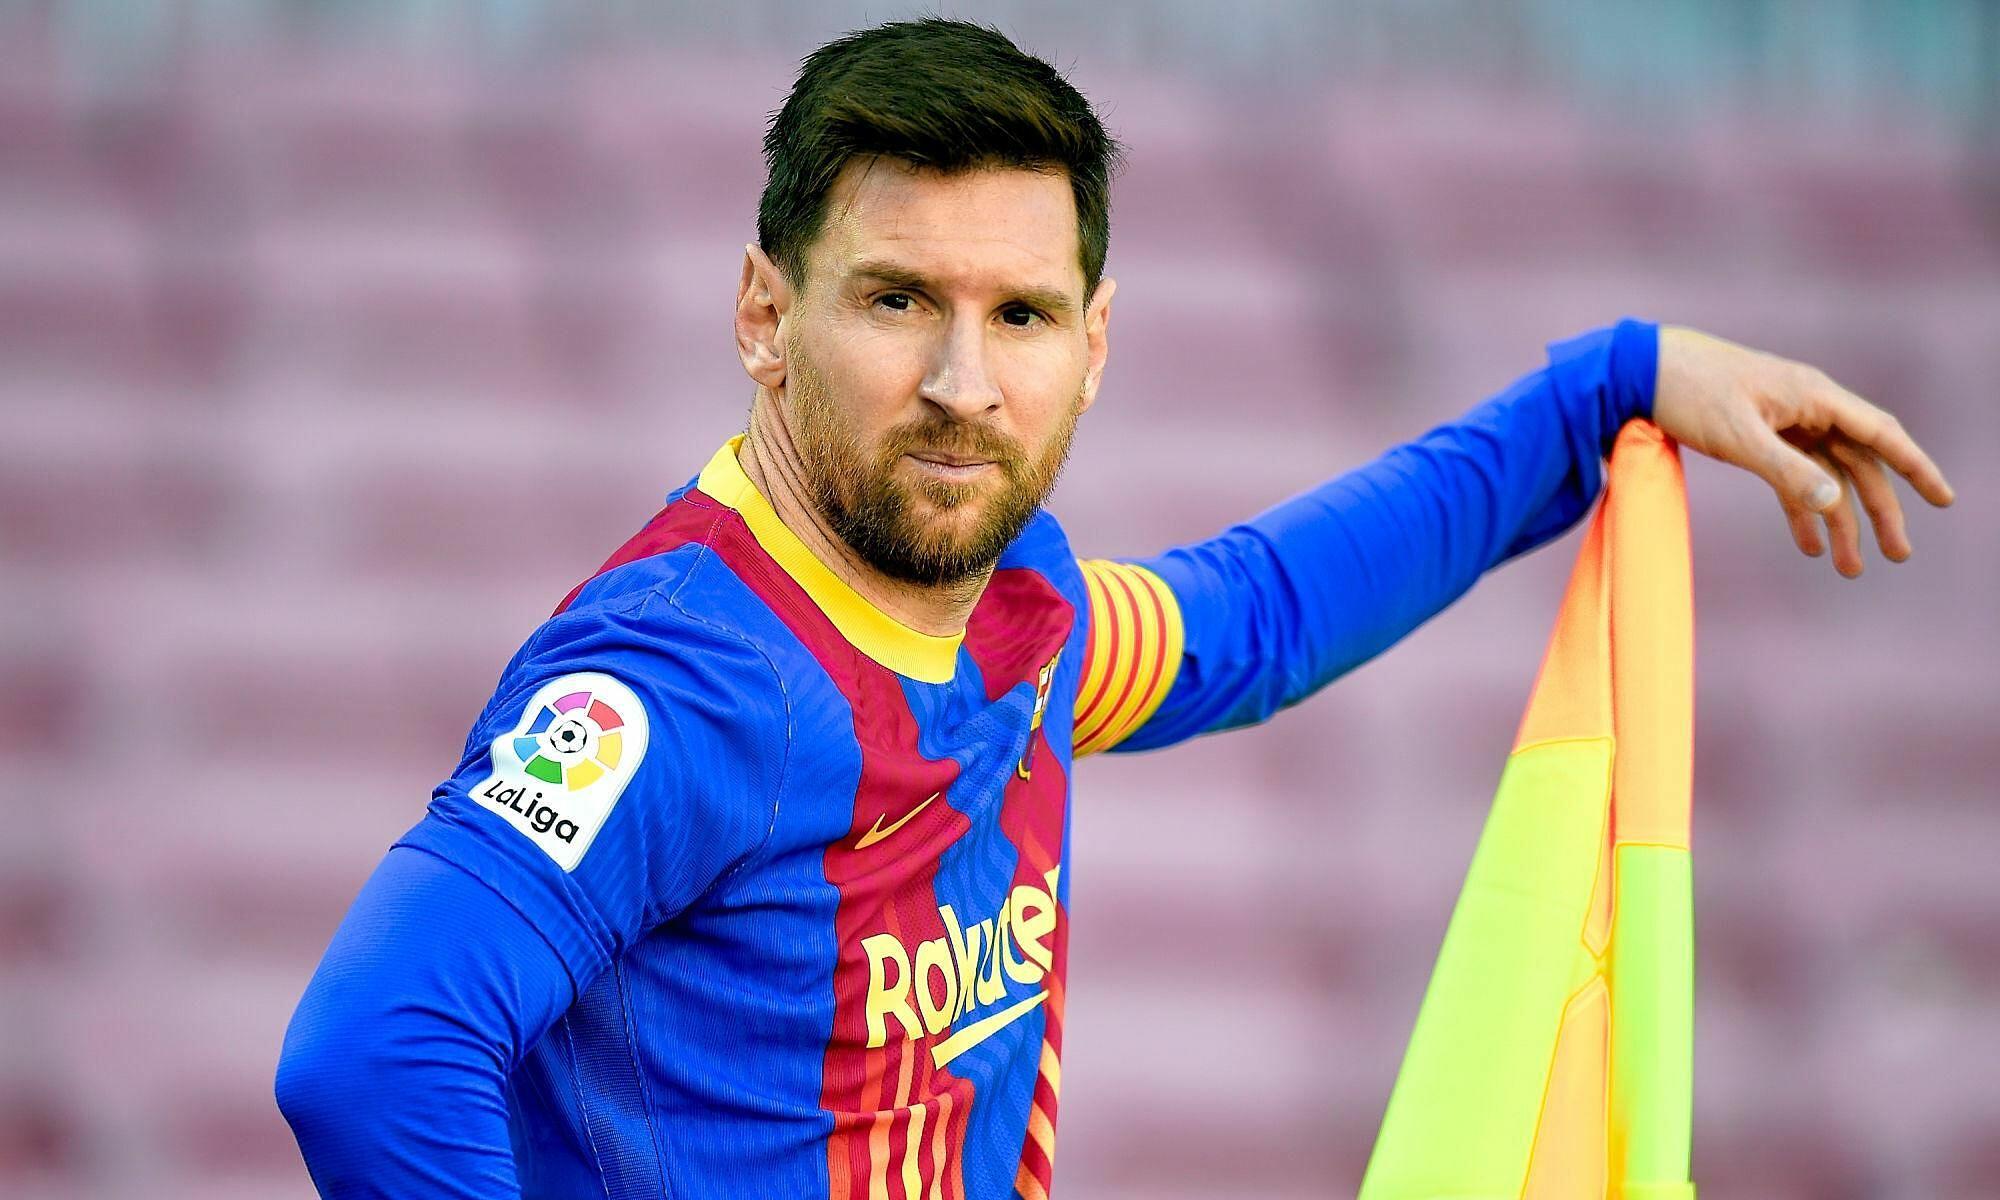 Messi về lý thuyết vẫn là cầu thủ tự do, có thể đầu quân cho bất kỳ CLB nào anh muốn, nếu Barca không kịp ký hợp đồng với anh trong hè này. Ảnh: Icon Sport